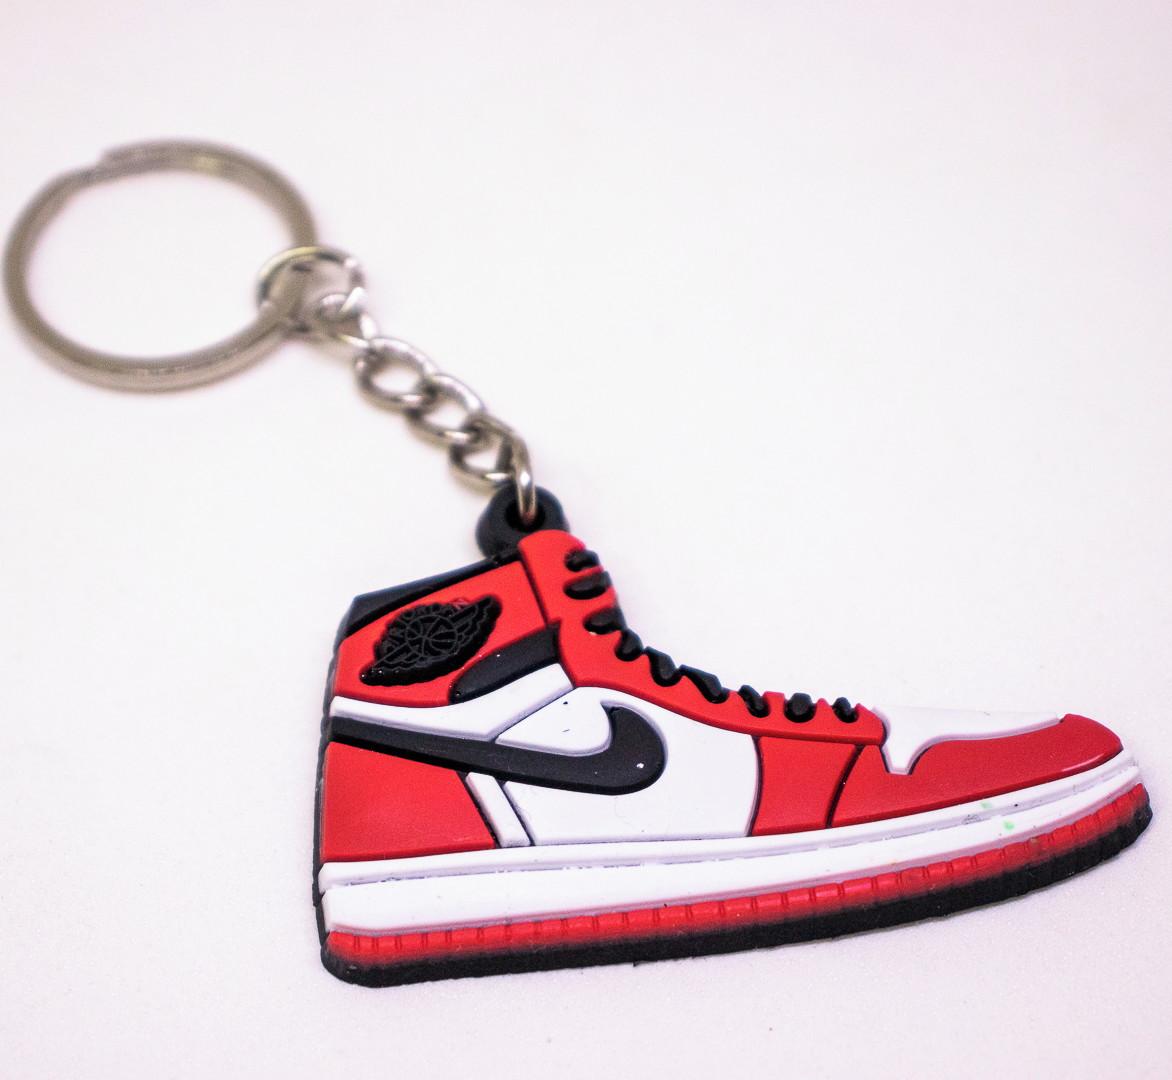 b8721e11c8a Tenis Nike Air Replica